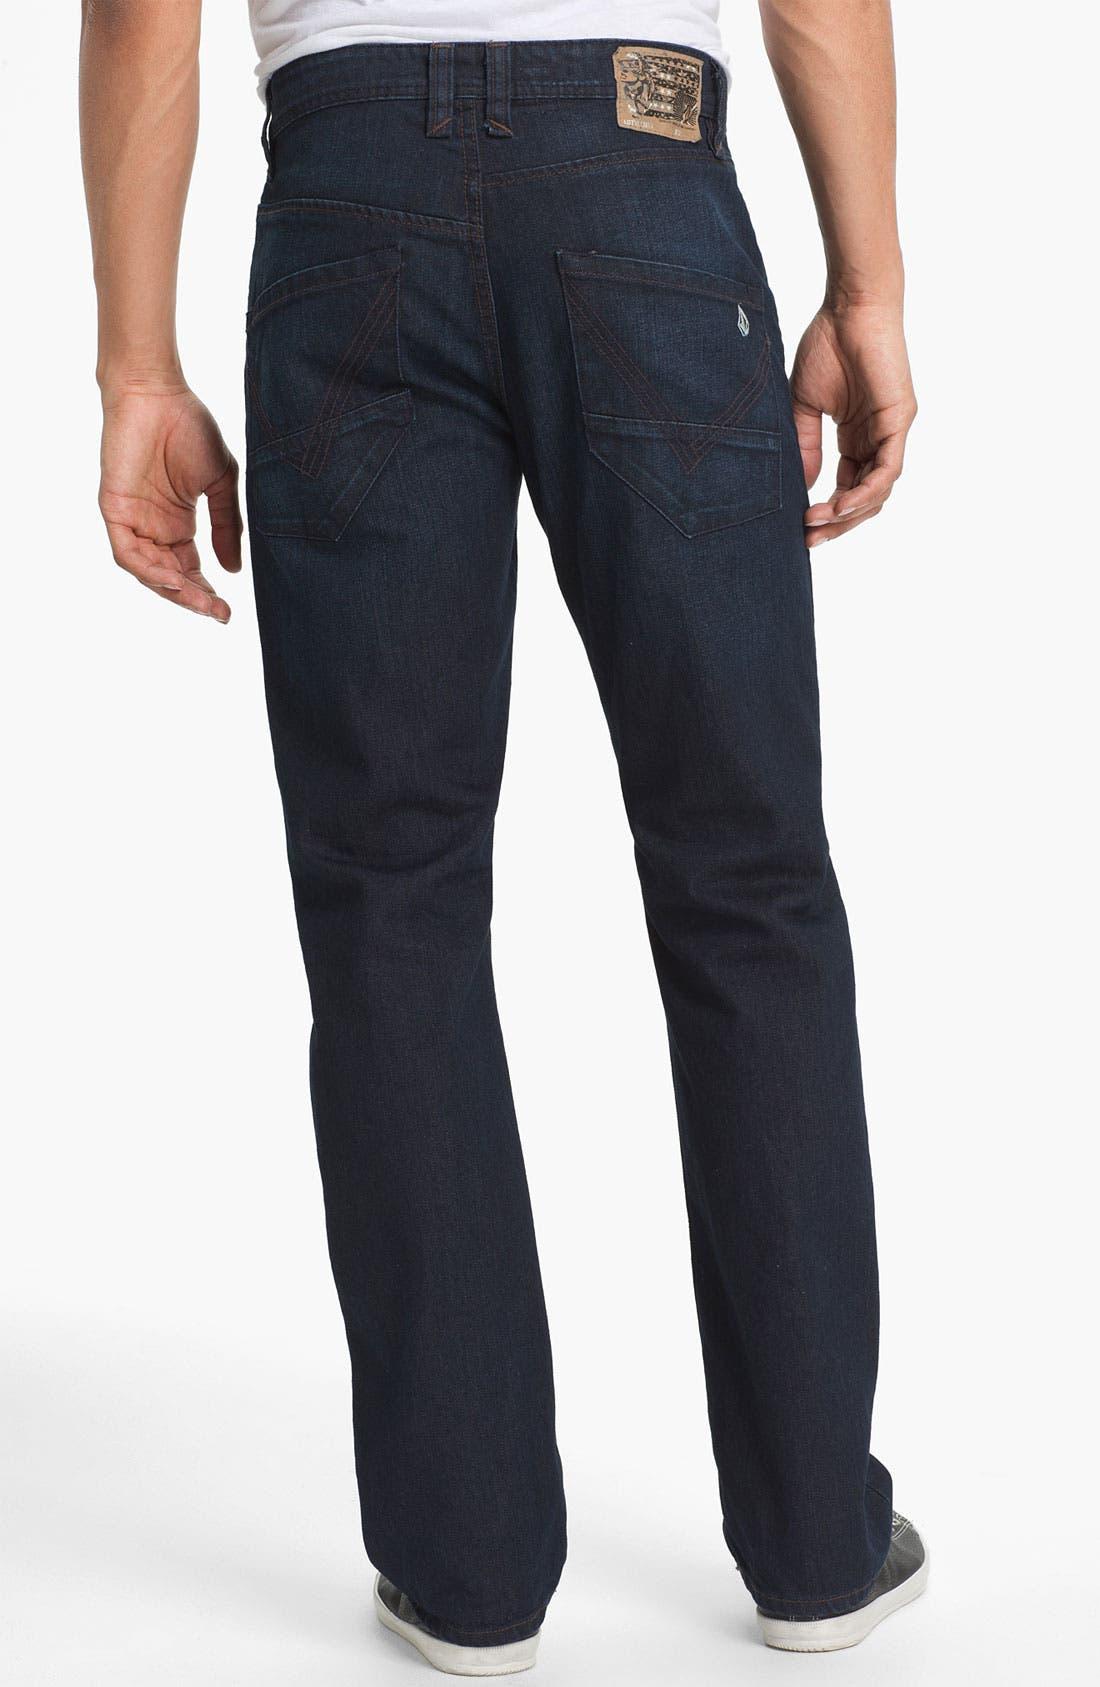 Alternate Image 1 Selected - Volcom 'Nova' Slim Straight Leg Jeans (VC02) (Online Only)